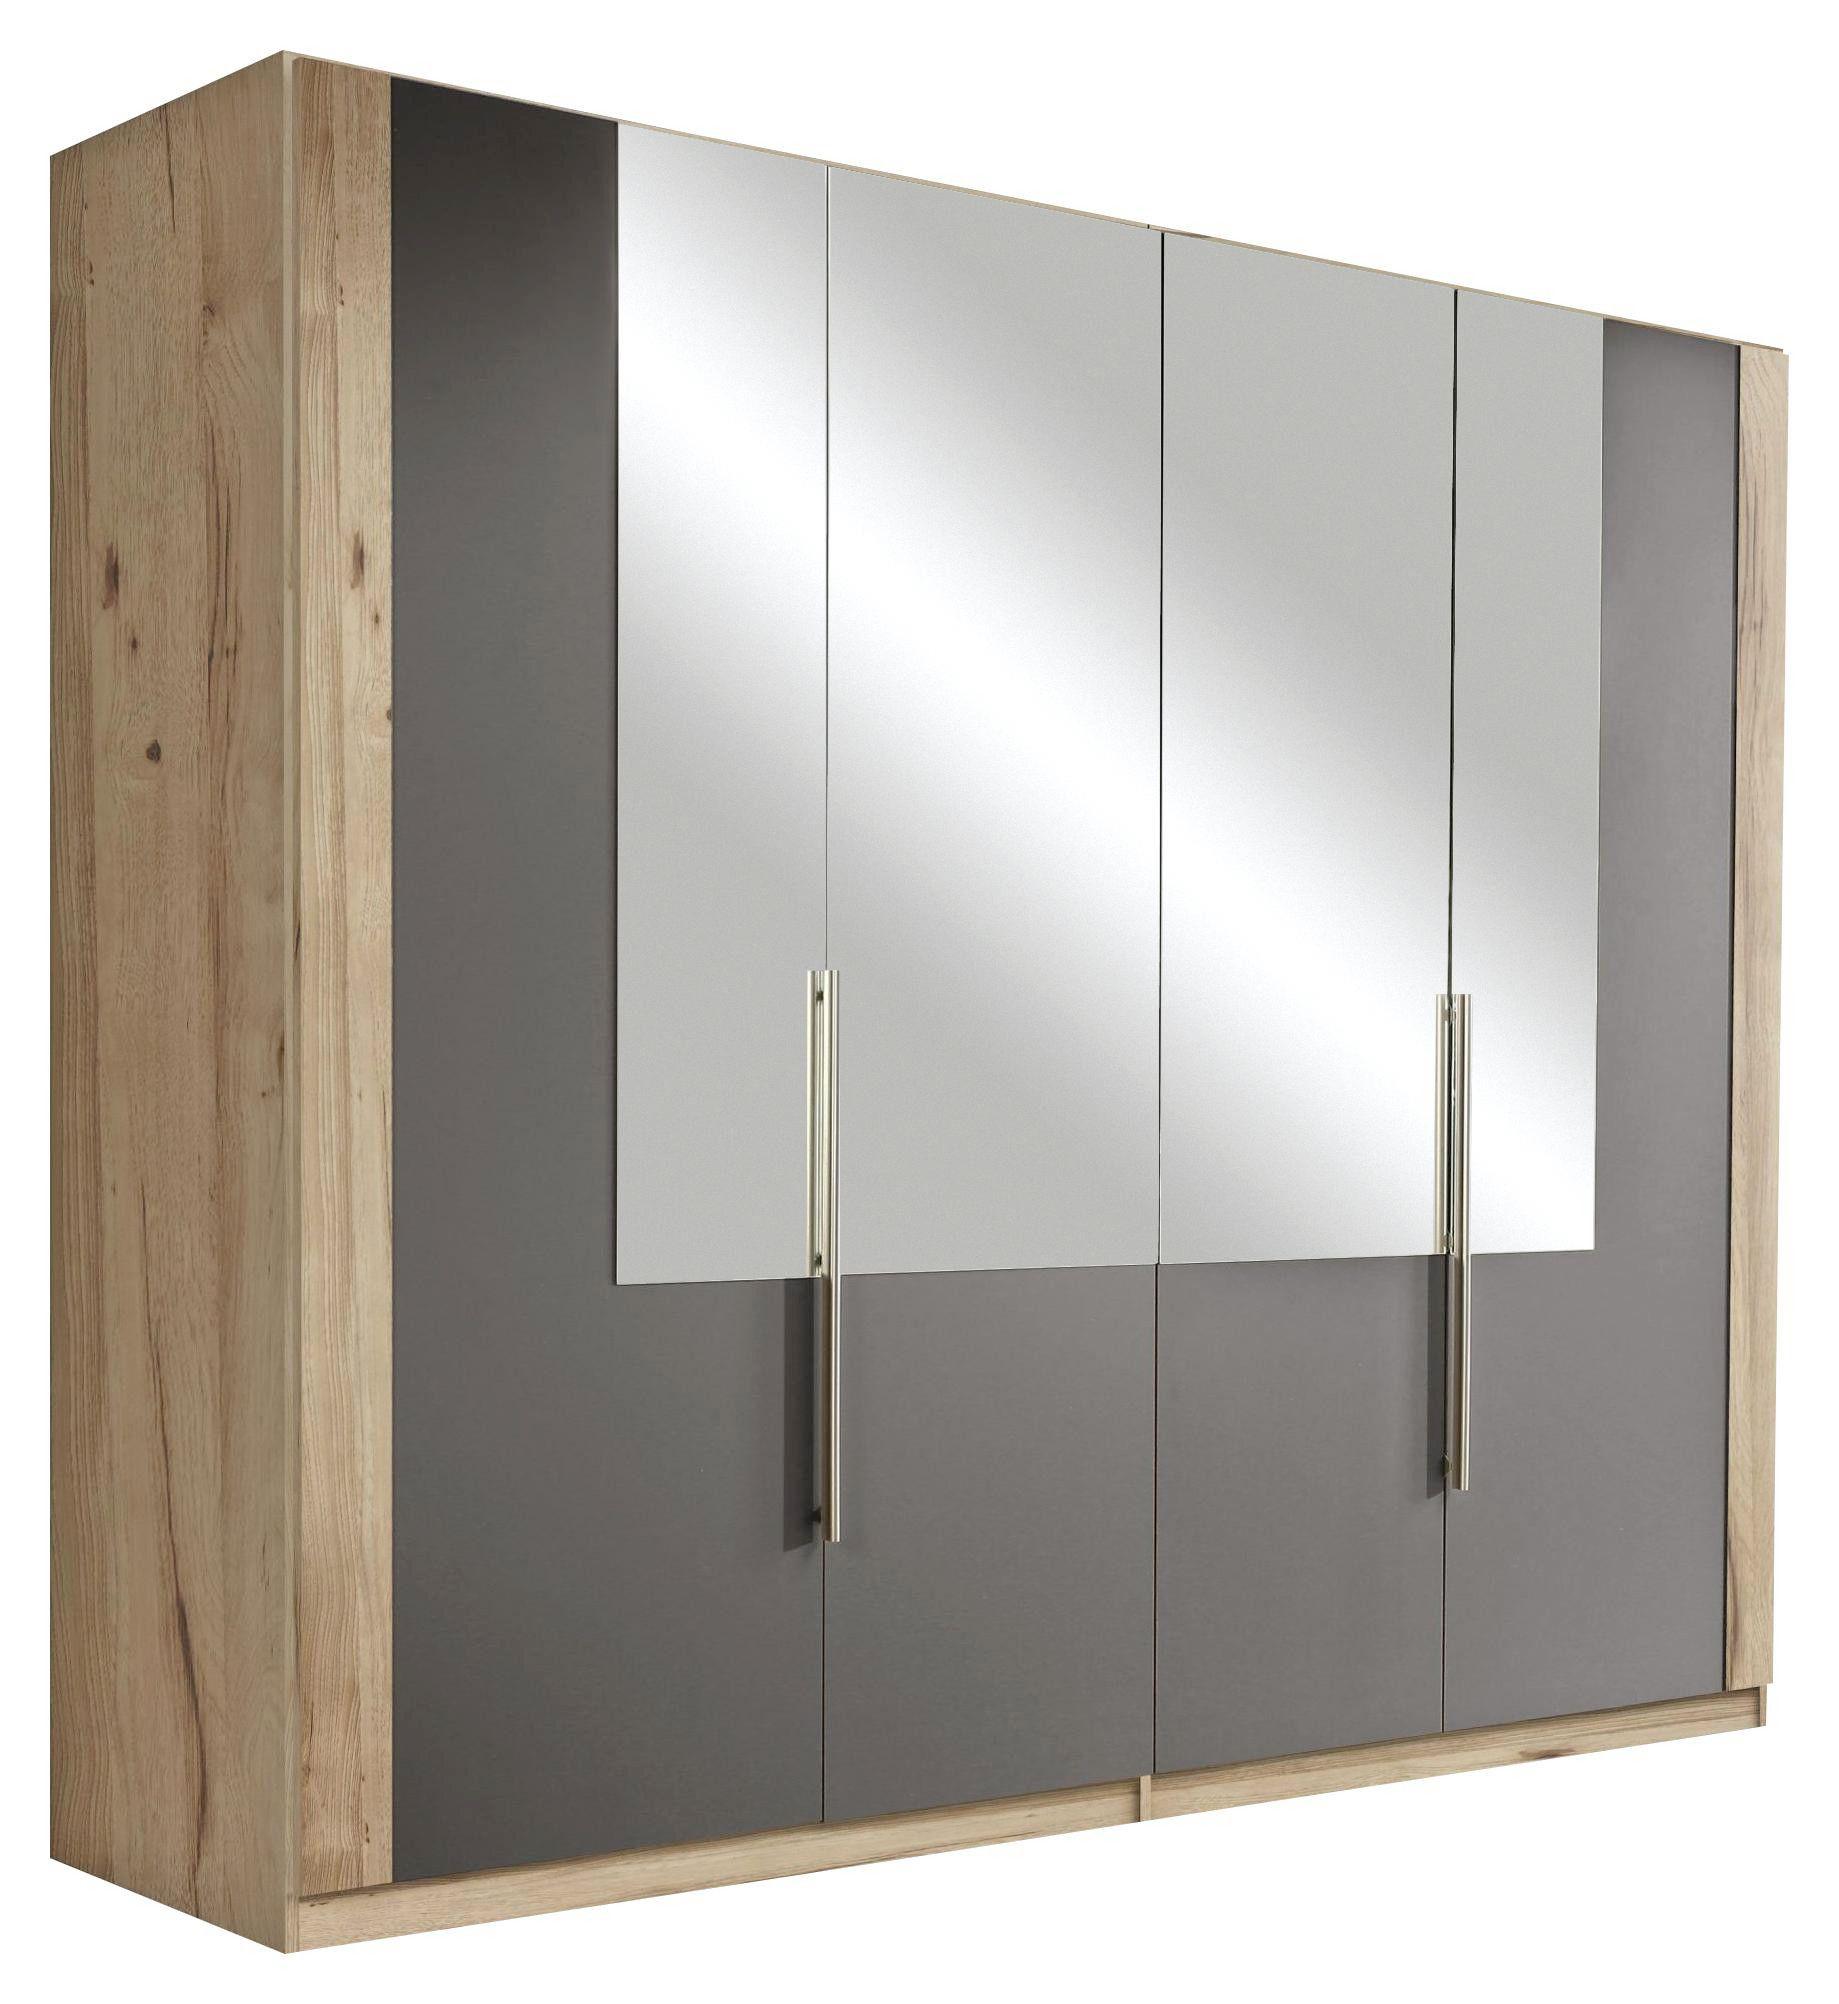 Omara S Klasičnimi Vrati Complete - aluminij/siva, Moderno, umetna masa/steklo (228/213/60cm) - Mömax modern living